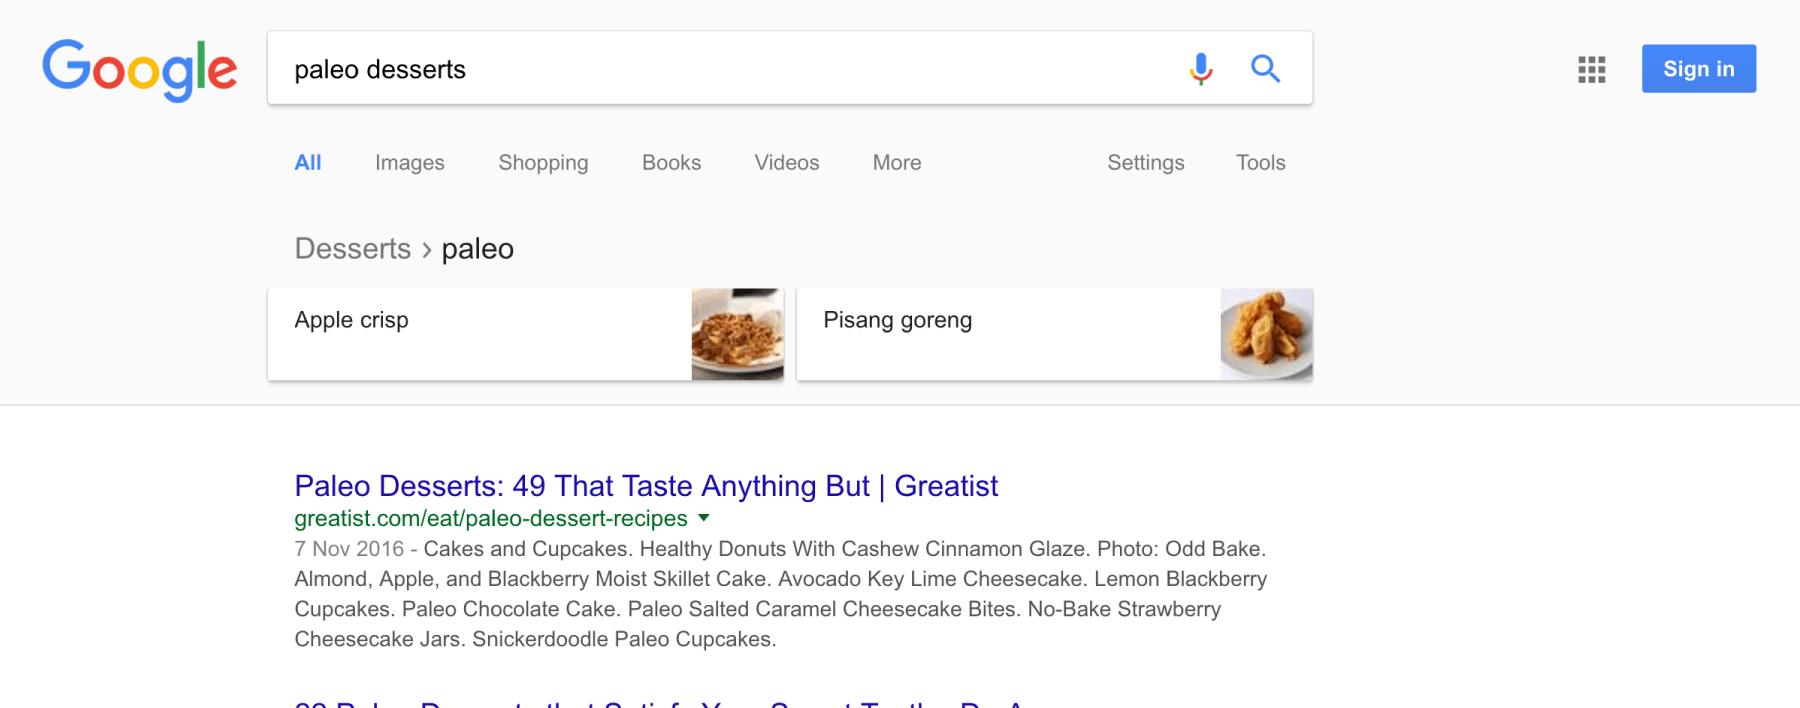 tìm kiếm từ khóa bạn nhắm đến trên Google